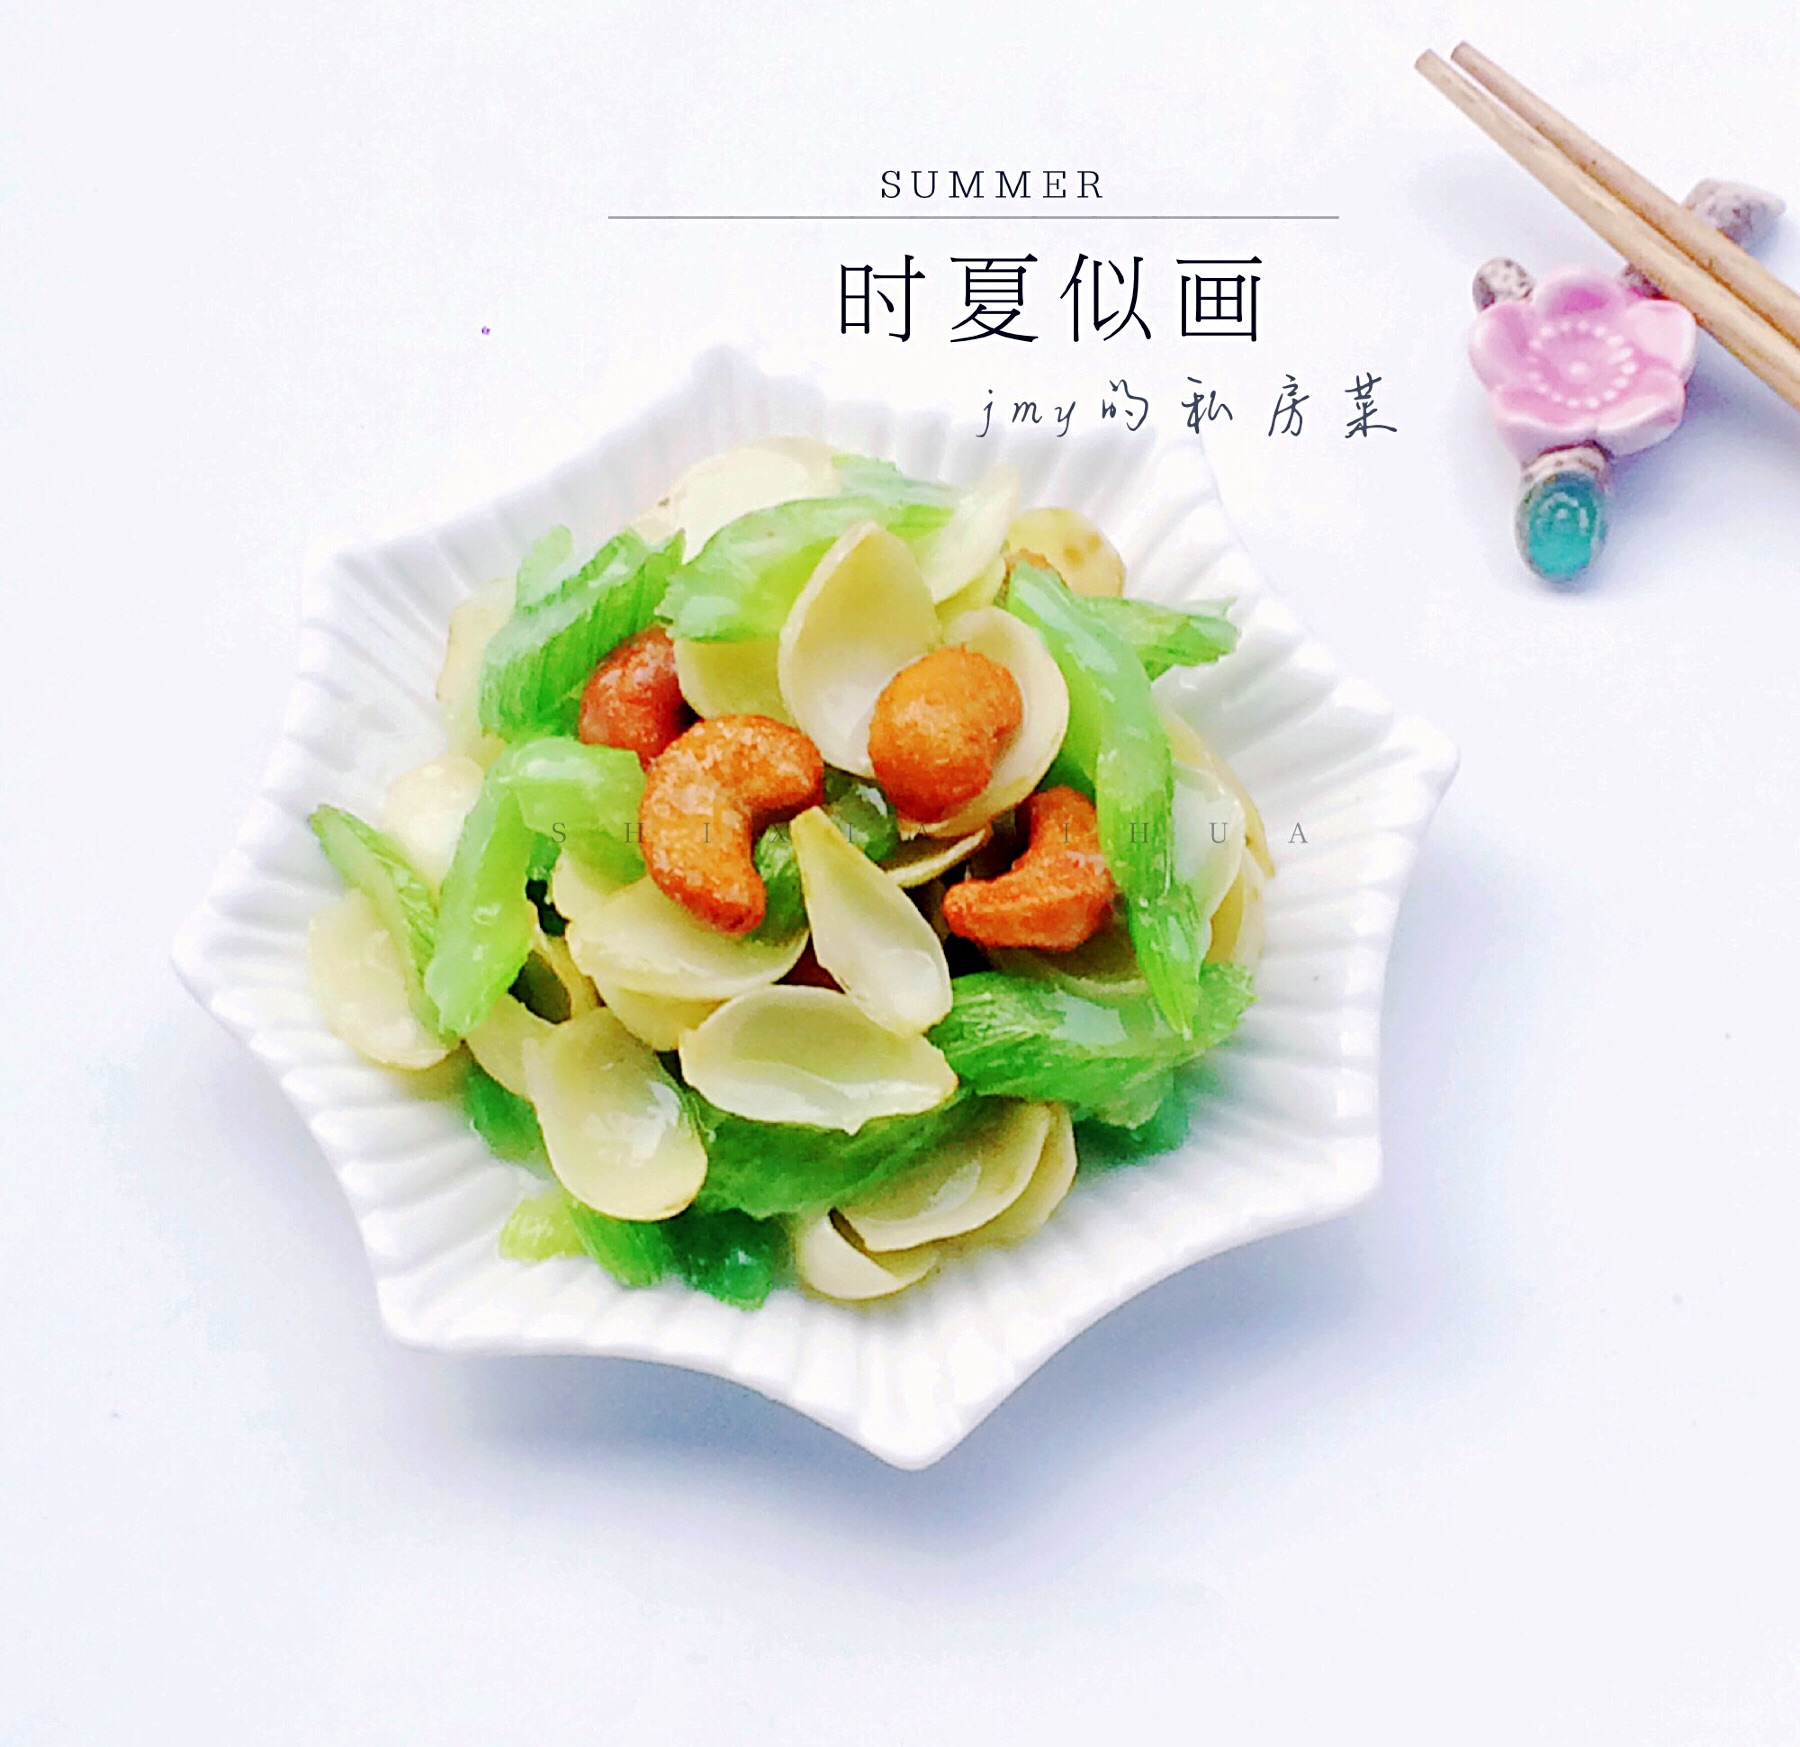 705分享收藏到微信我要百合#西芹上首页a我要家常菜#将食谱pokemonquest火系菜谱图片